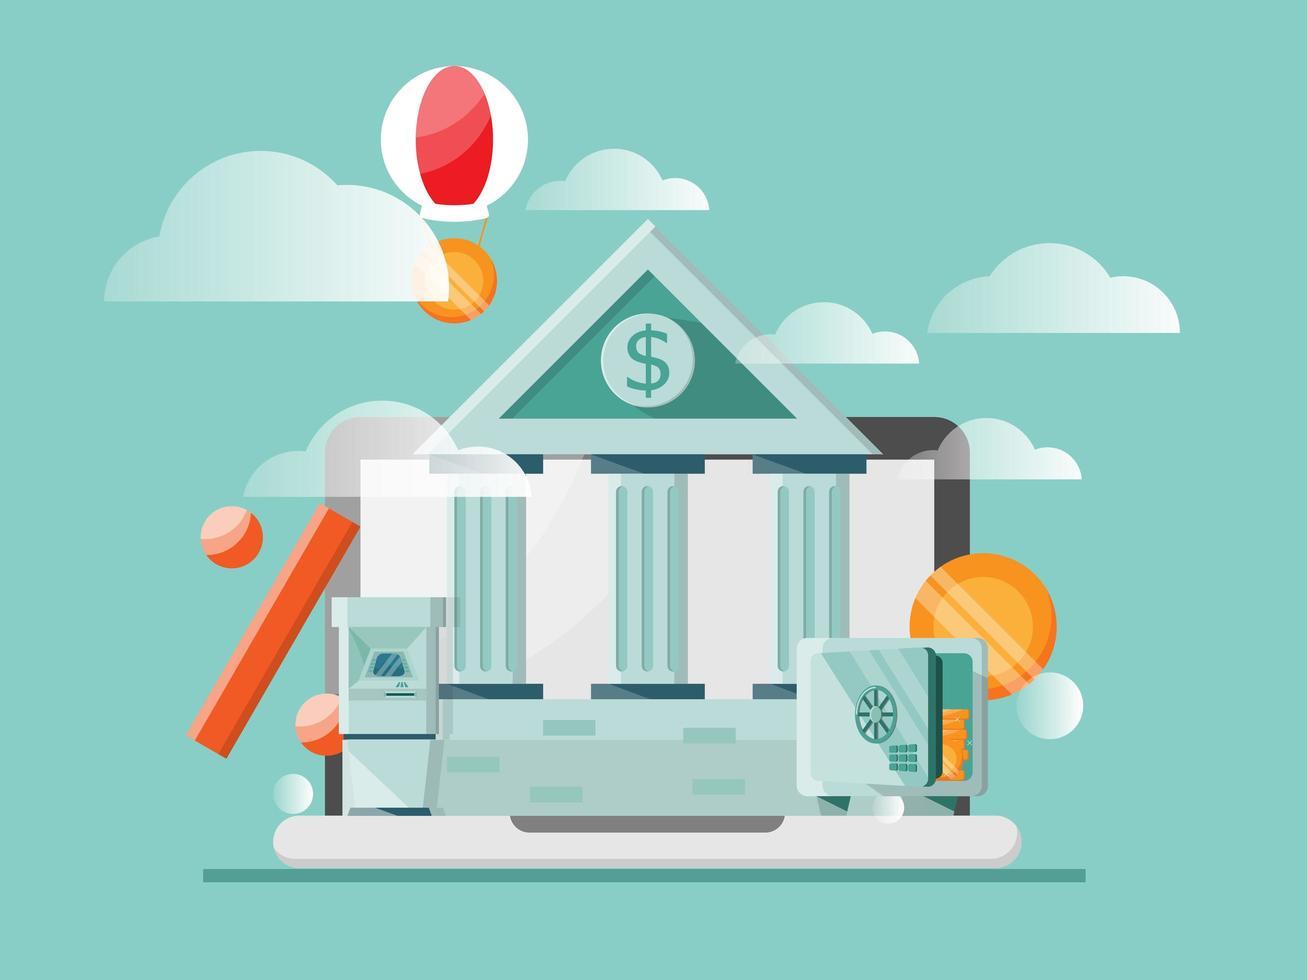 Online-Banking-Konzept Vektor-Illustration vektor